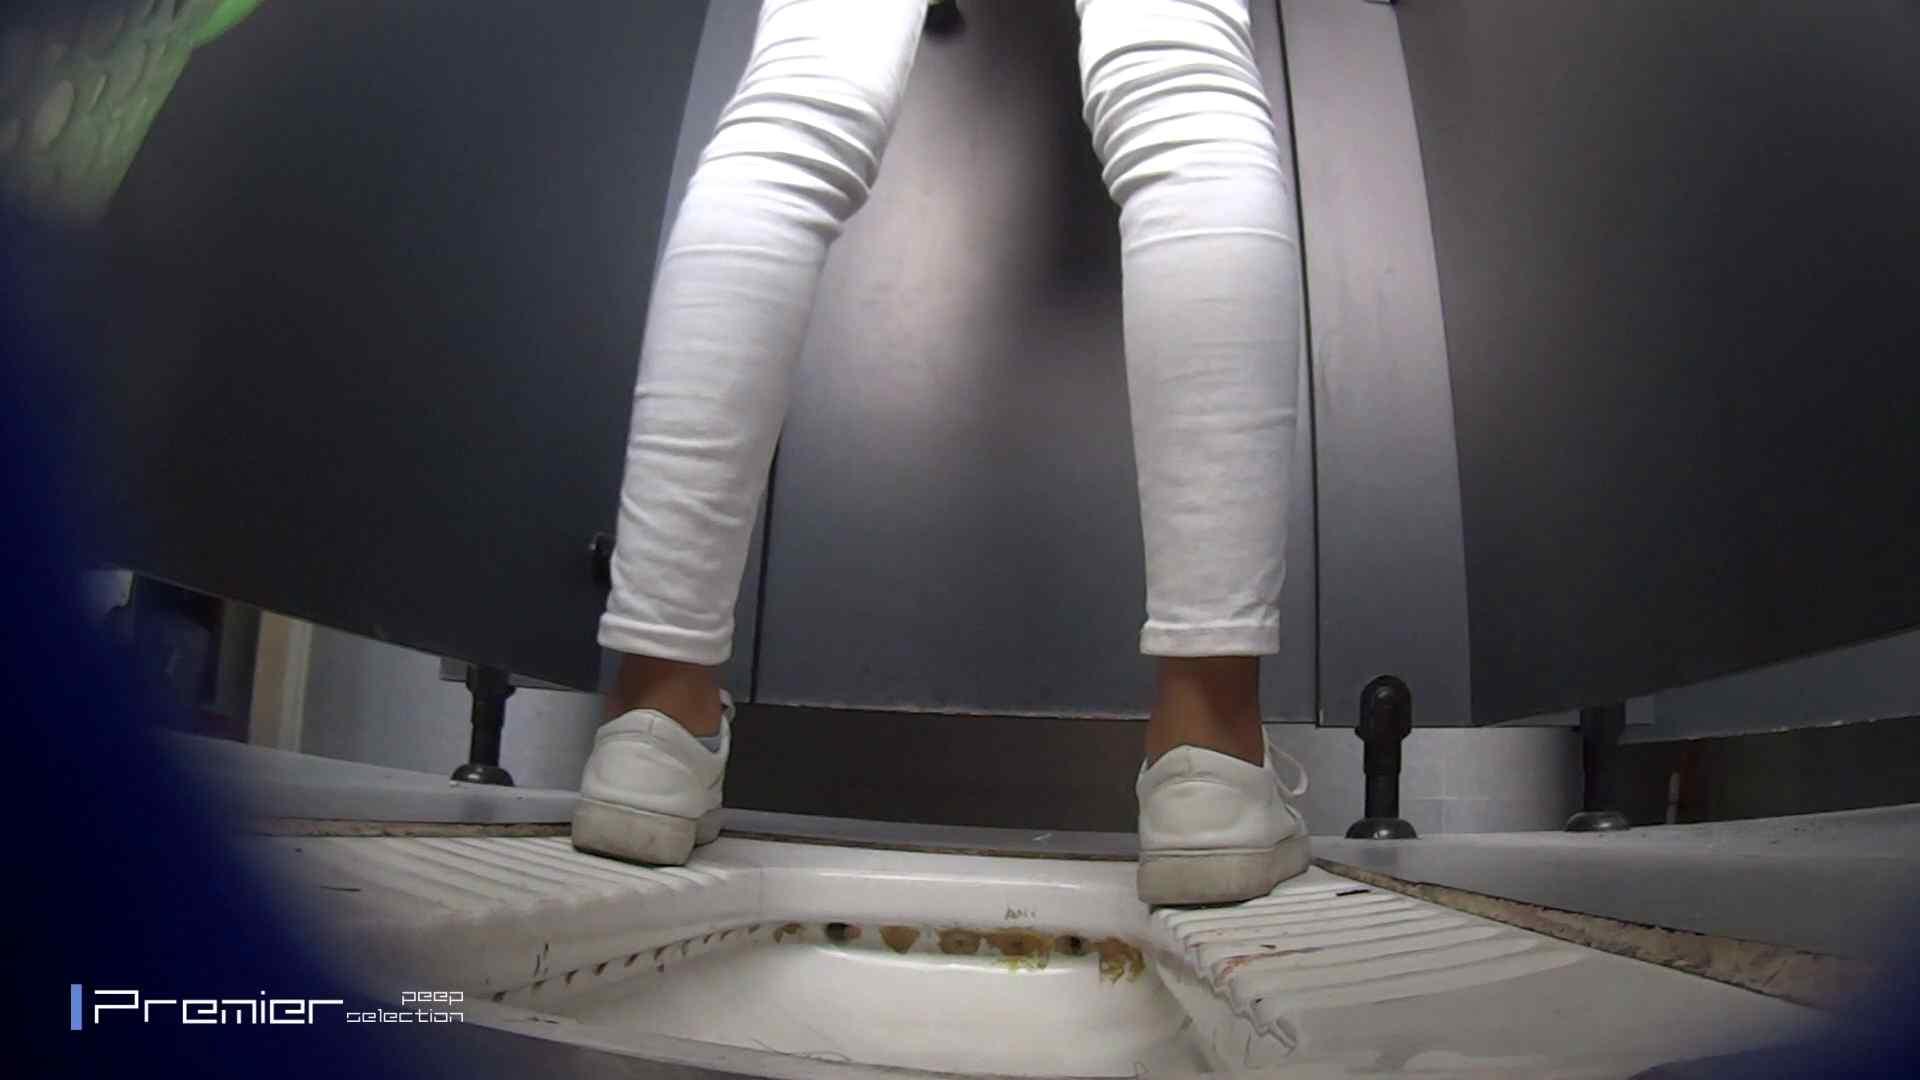 小麦色のお肌のお女市さん 学休憩時間の洗面所事情35 ギャル攻め おまんこ動画流出 66画像 2